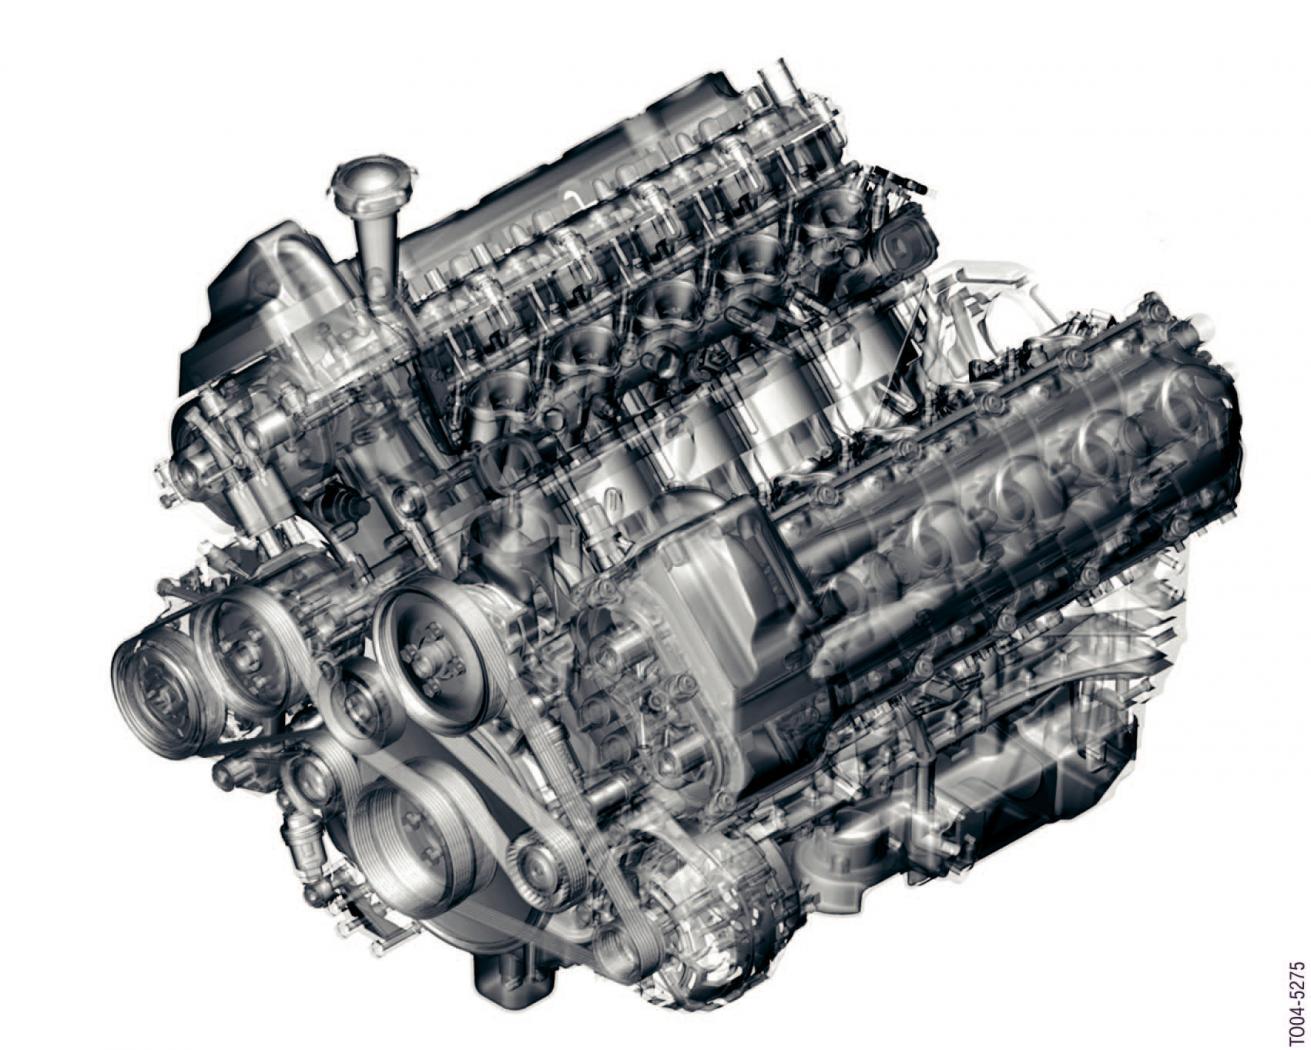 Moteur-S85-BMW-M5-E60.jpeg